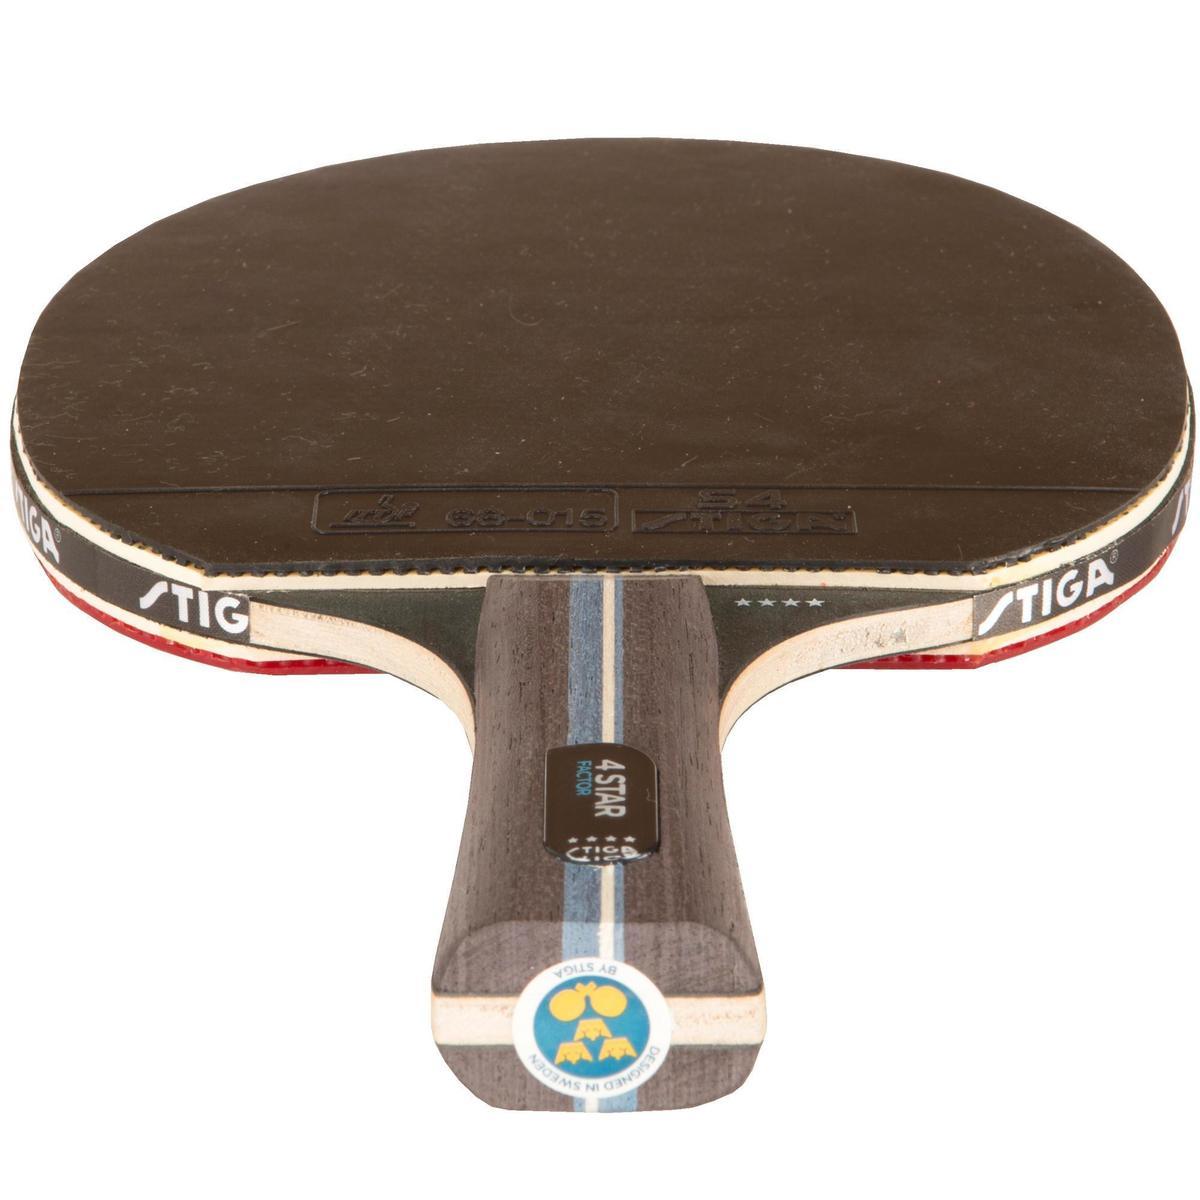 Bild 5 von Tischtennisschläger für Club und Schule Faktor 4*